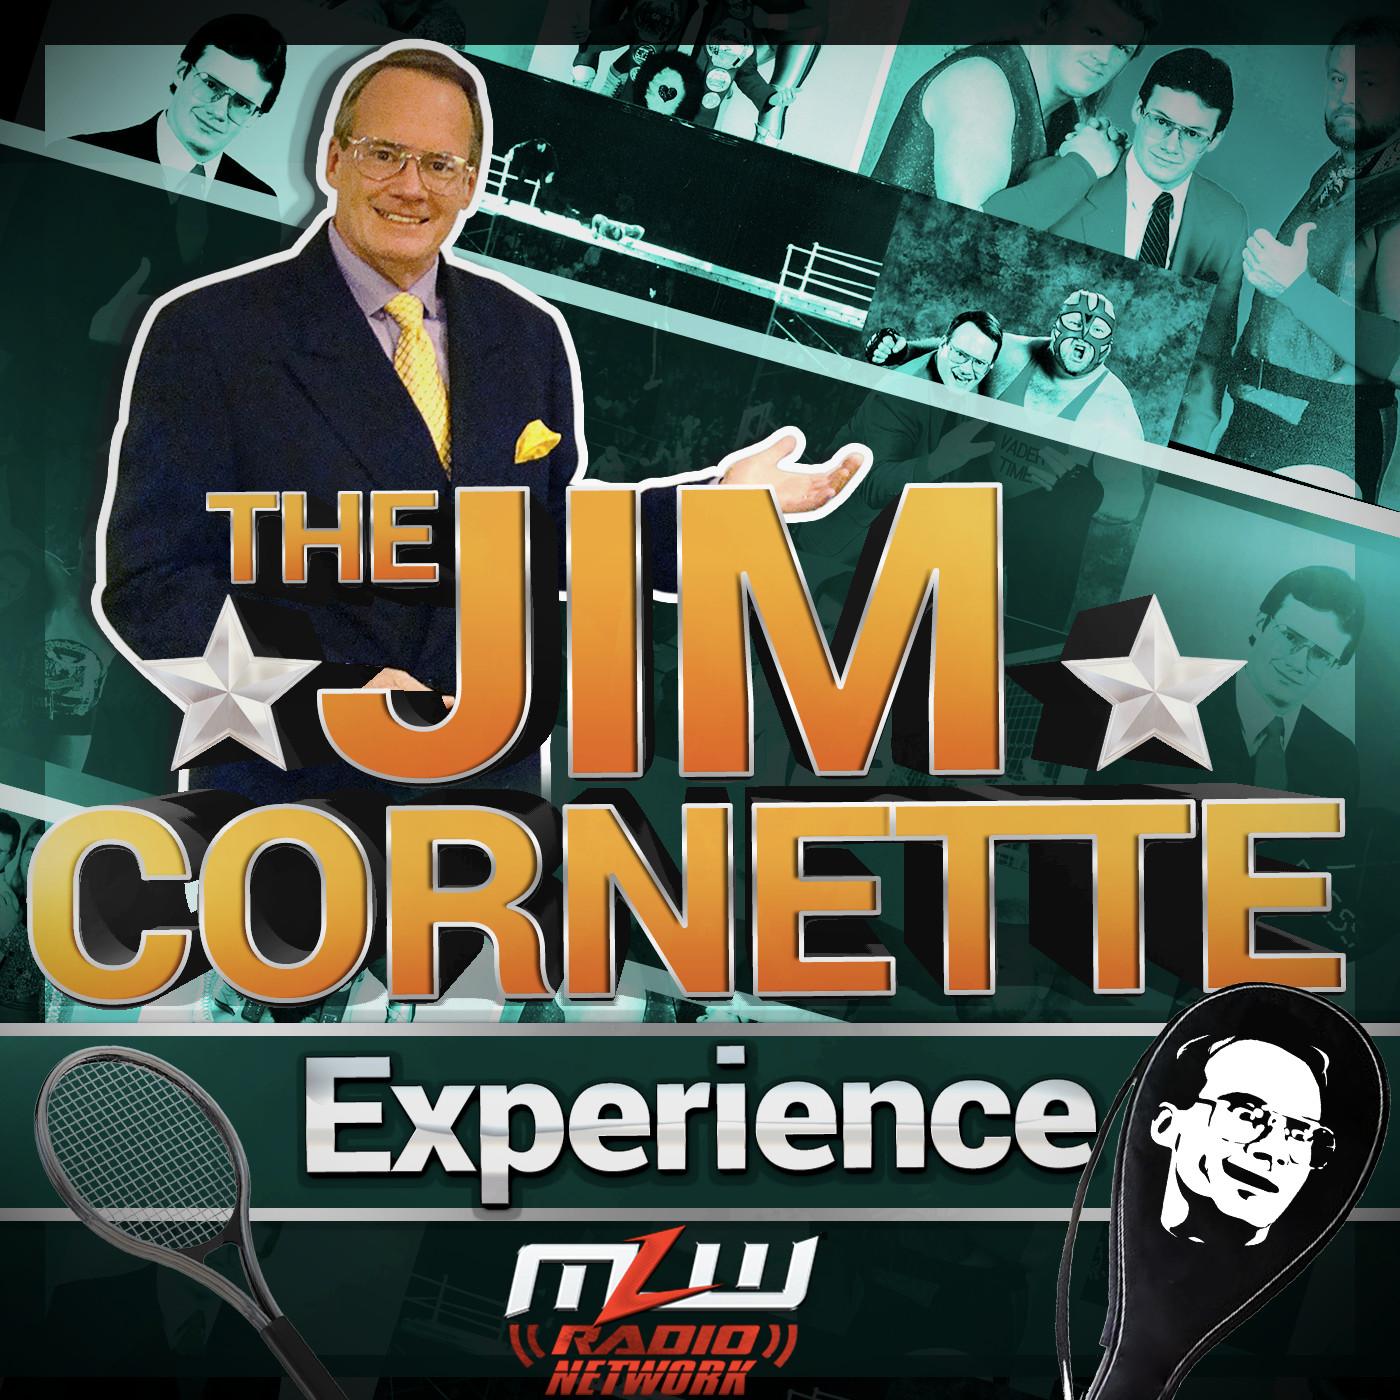 Guest free cornette jim booker download